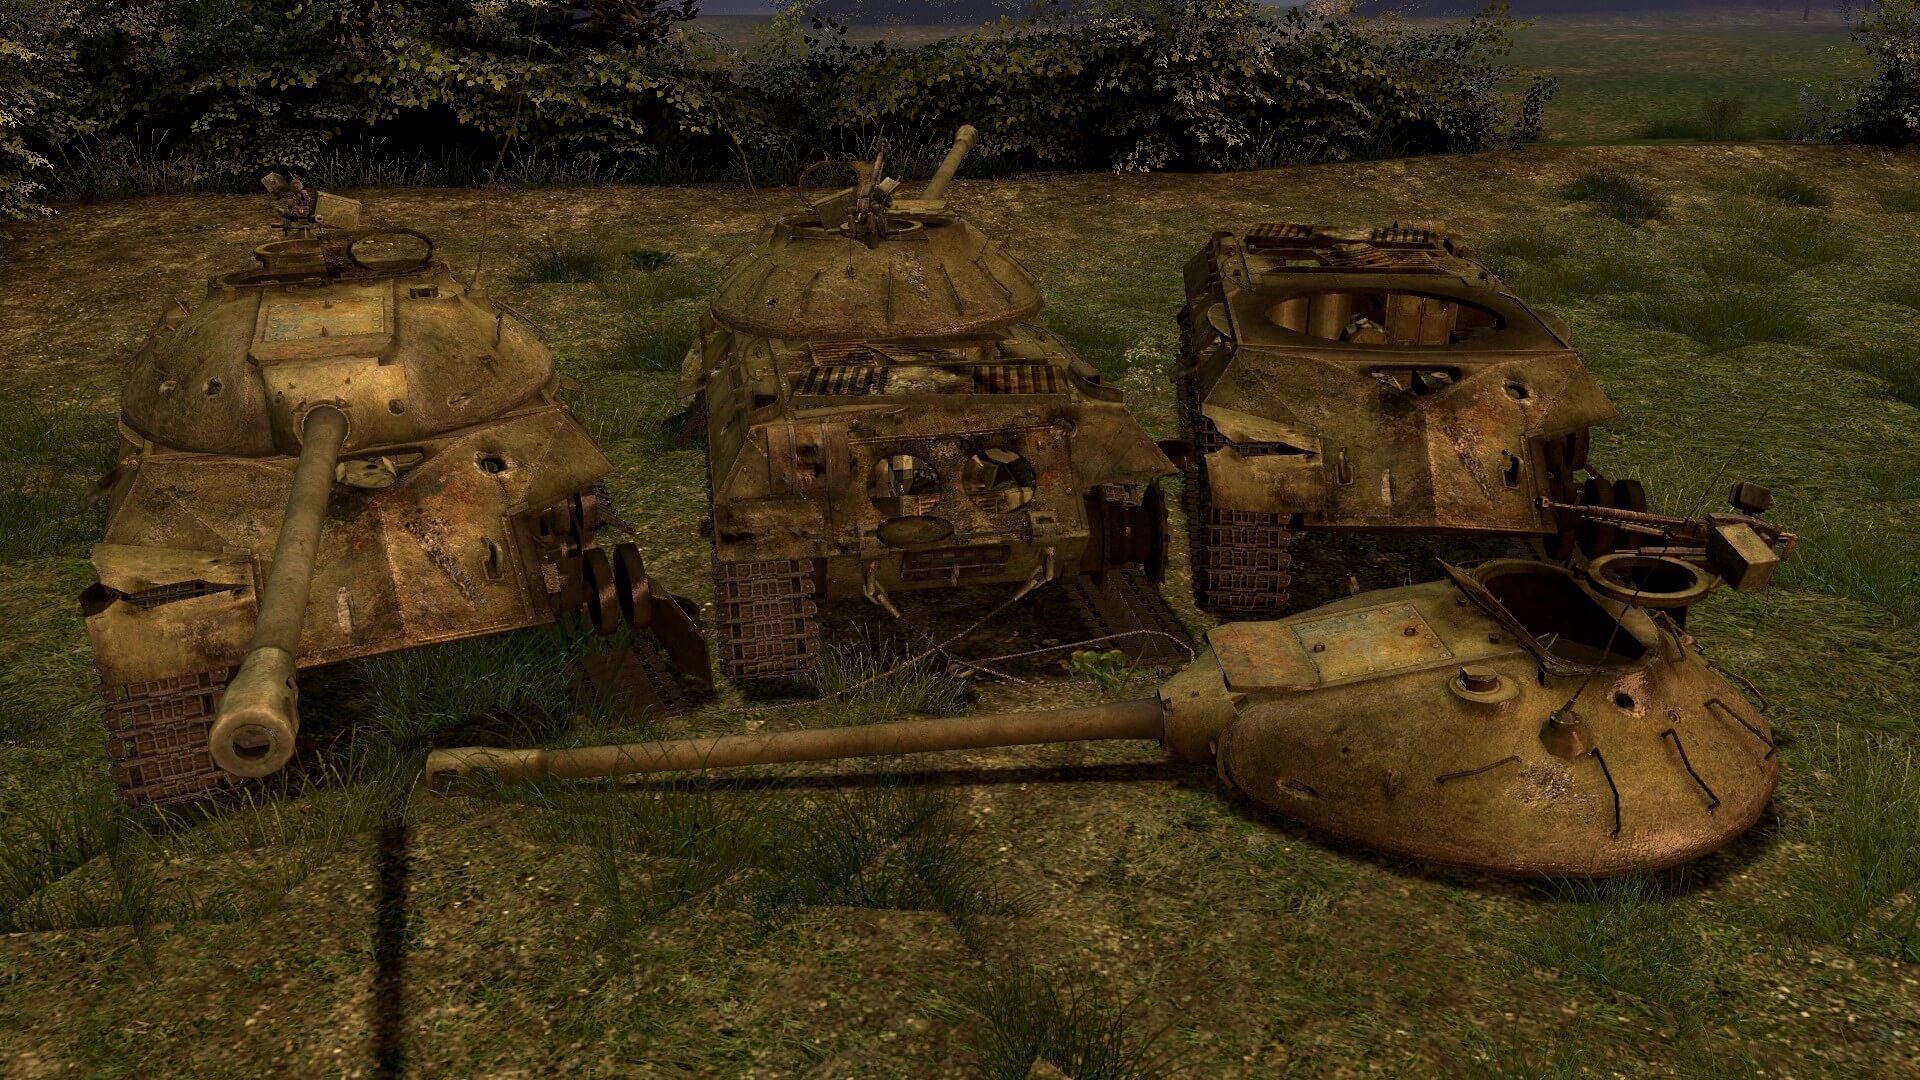 медведи-тихоходки качка ру фото танк левика небо декабря